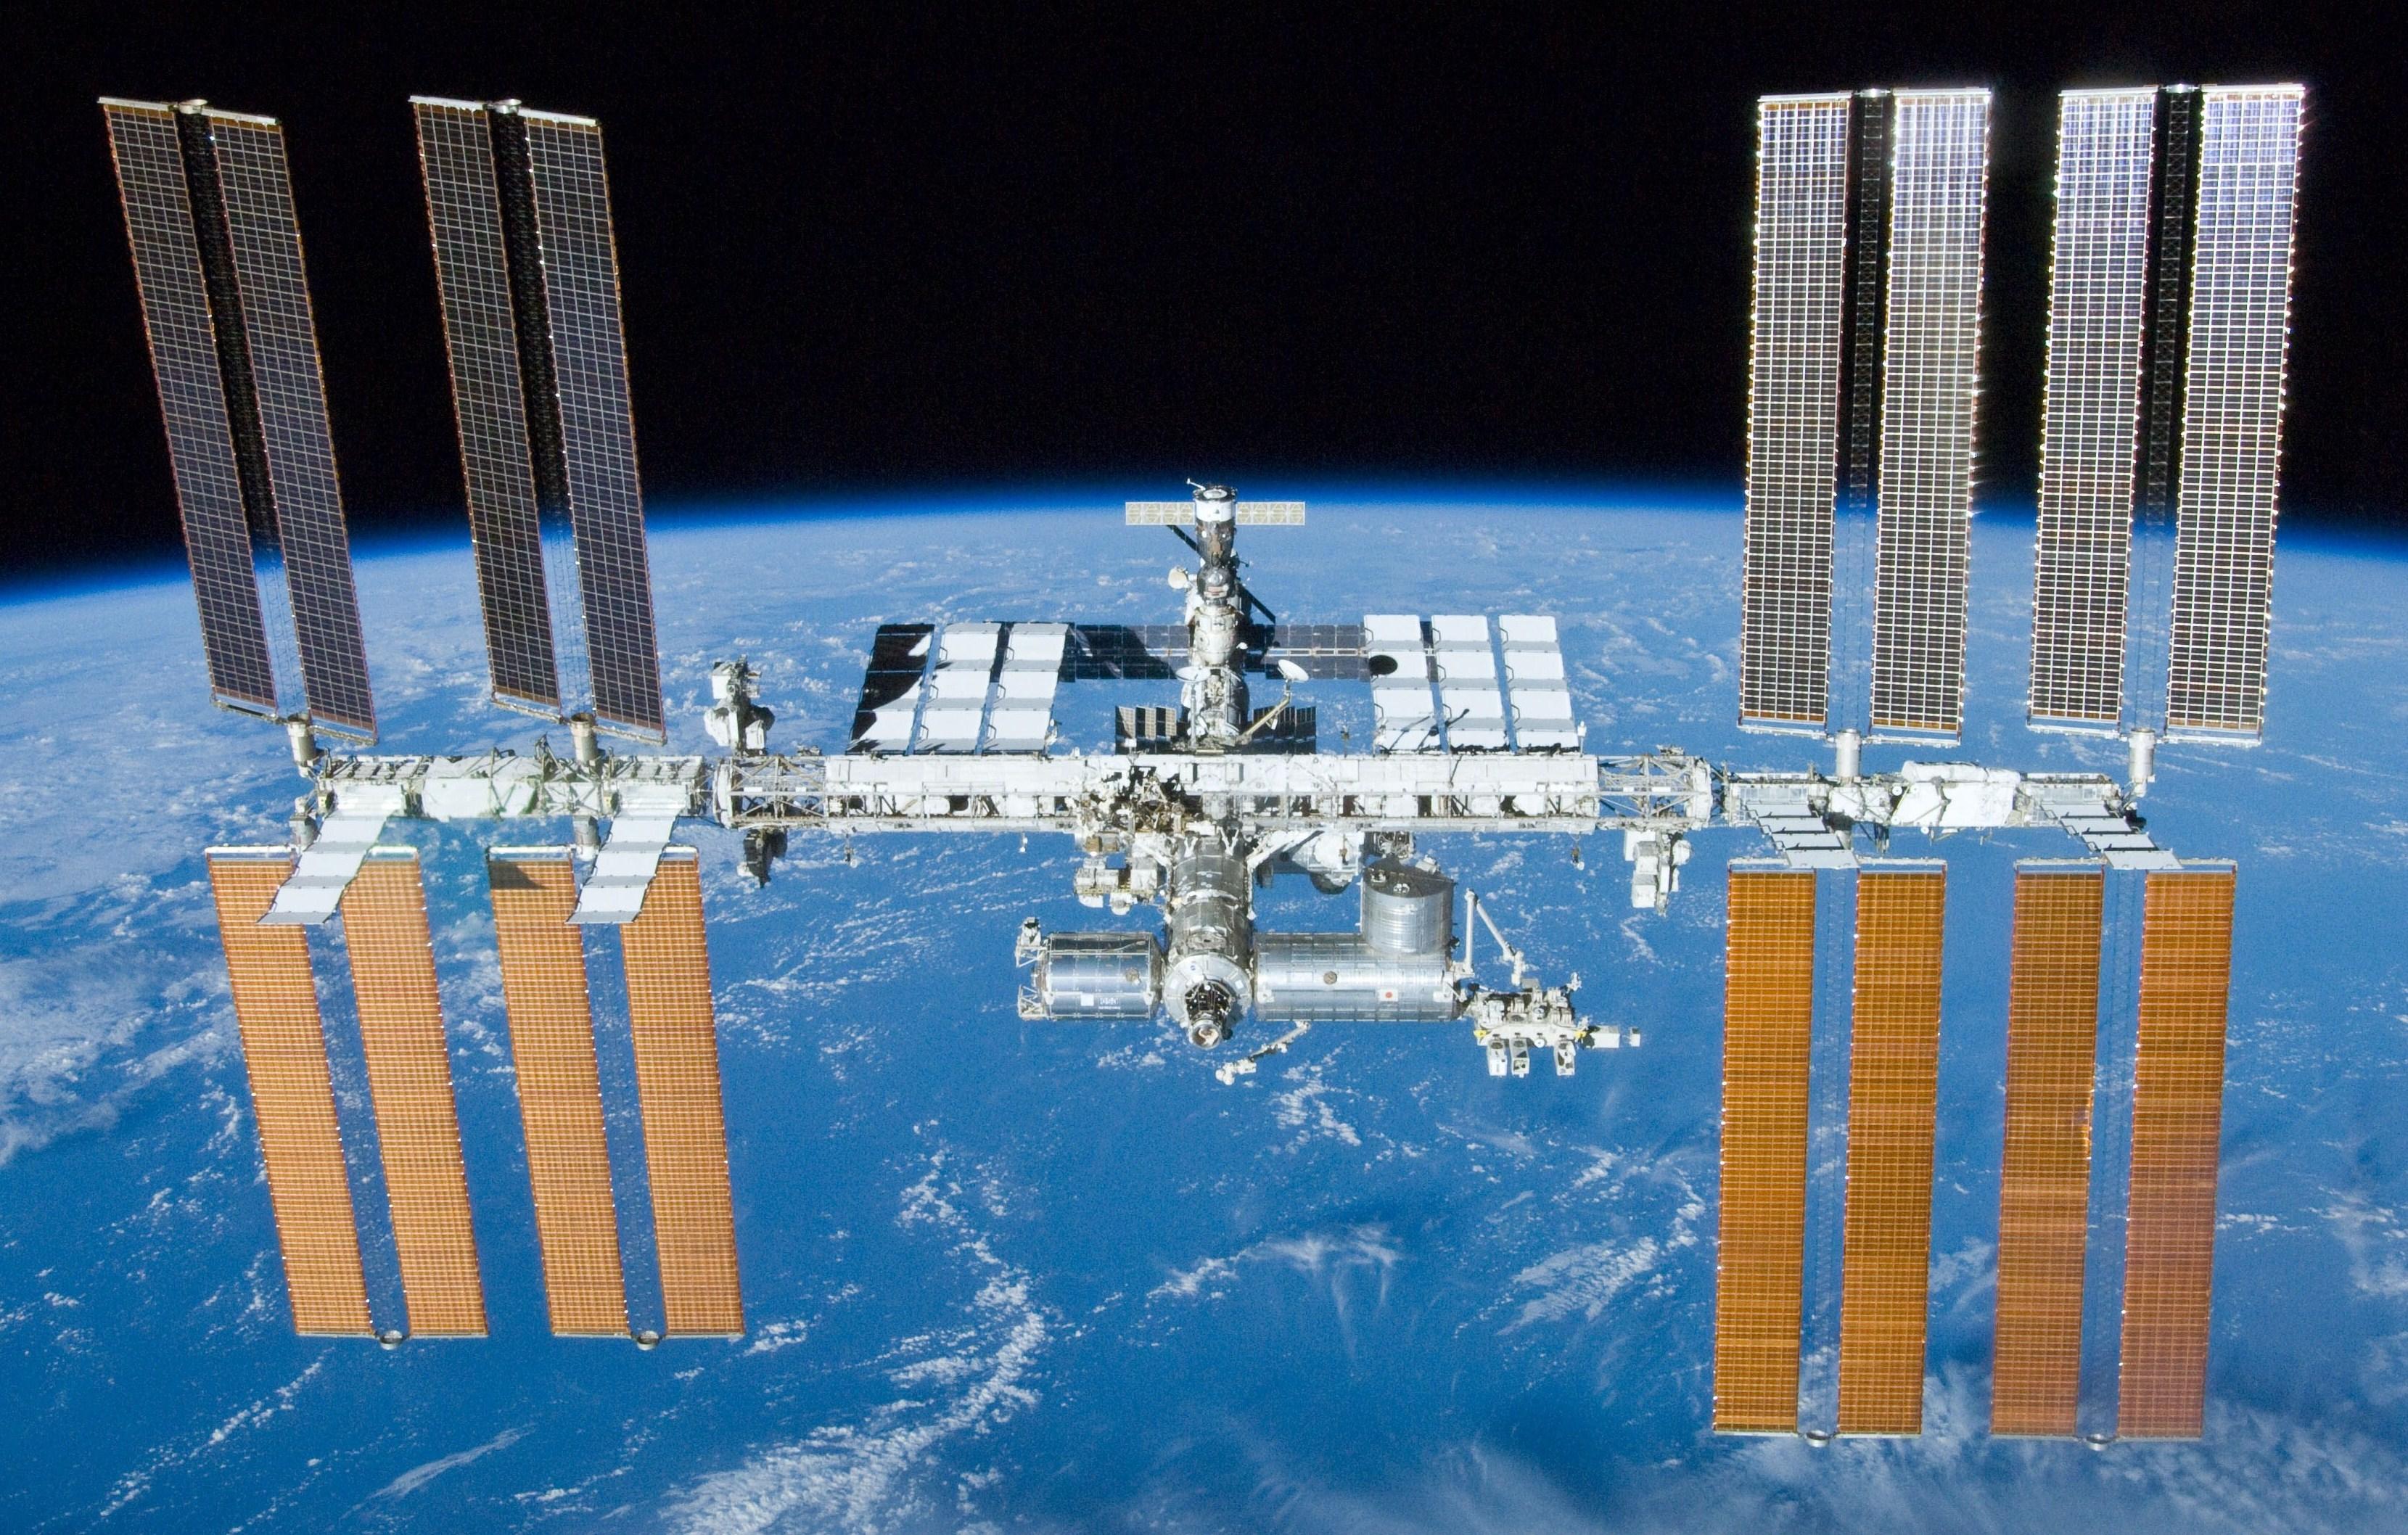 Kilyukadt a Nemzetközi Űrállomás, illetve a hozzá kapcsolt Szojuz űrhajó